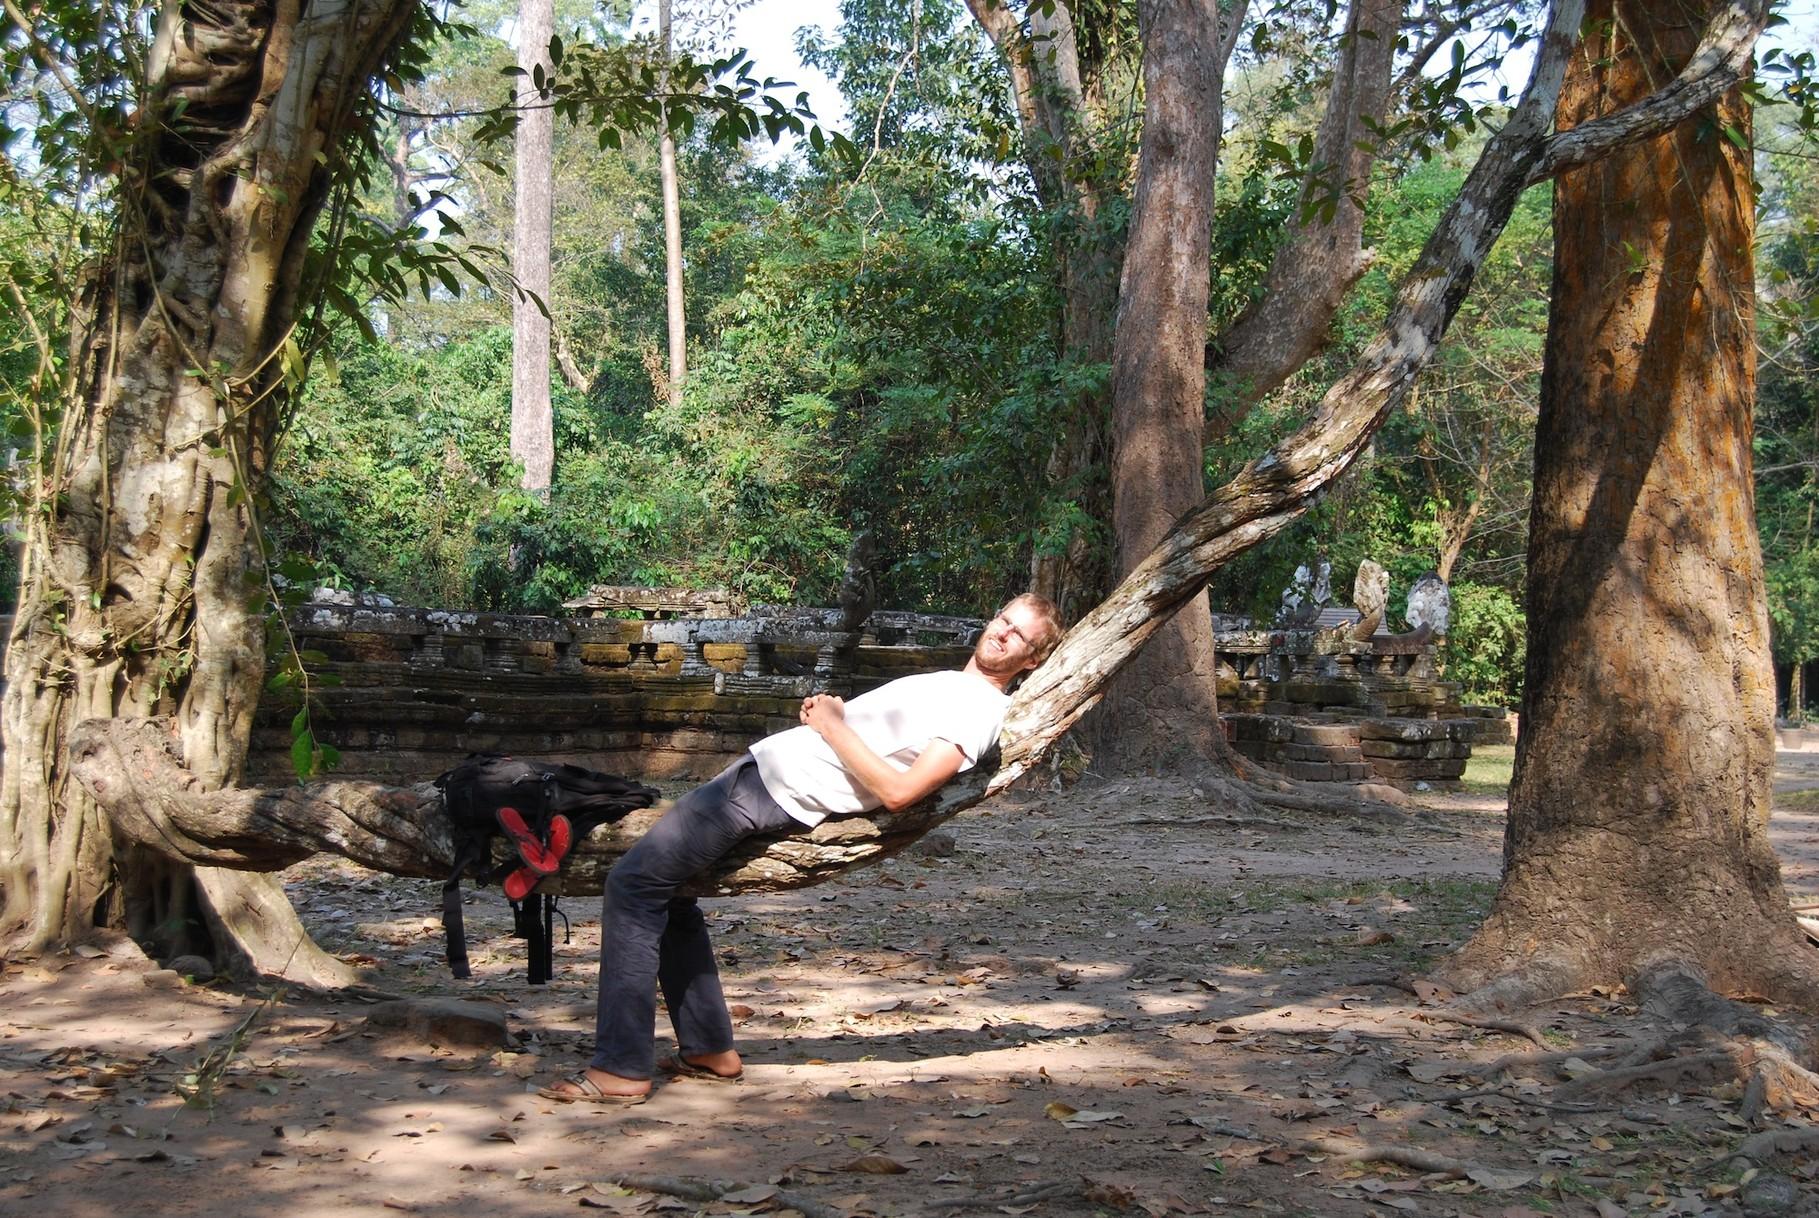 Entspannung im Baum